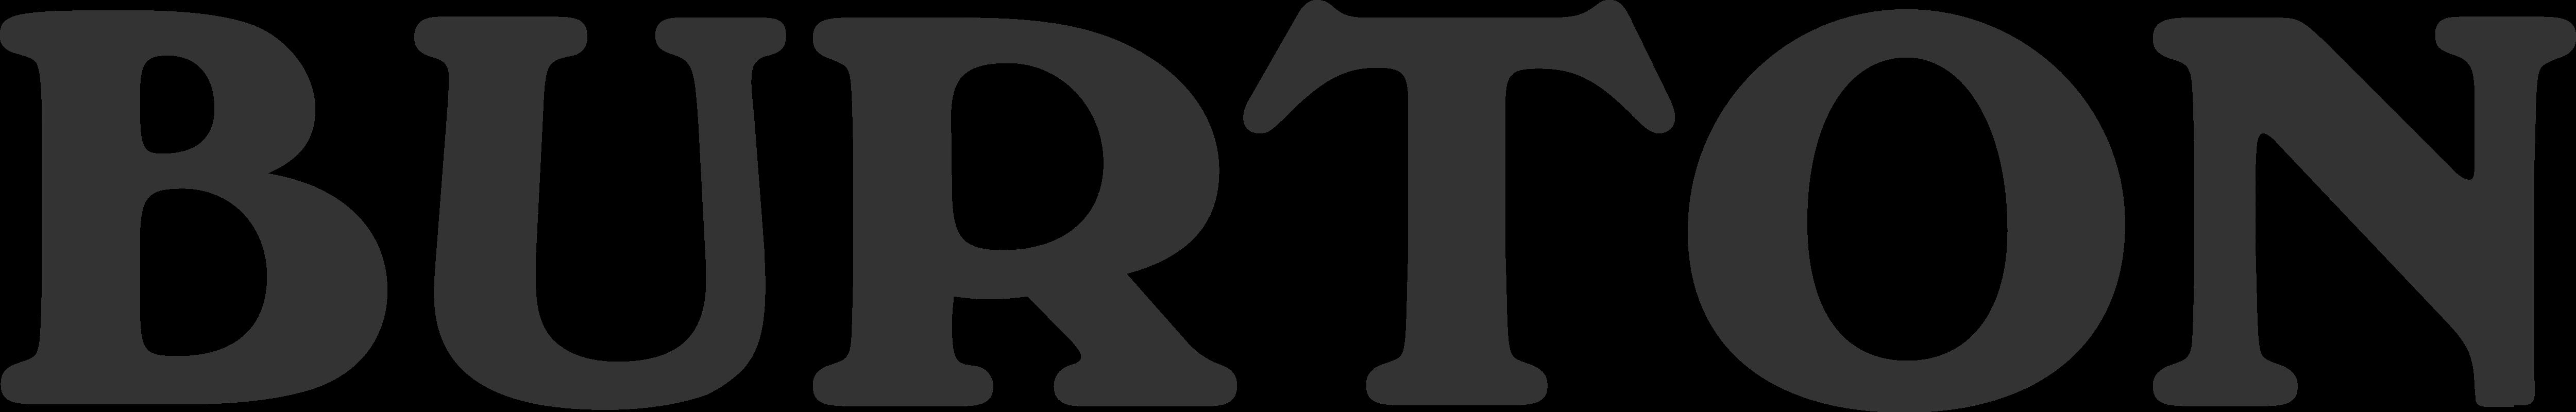 burton logo arrow by - photo #19